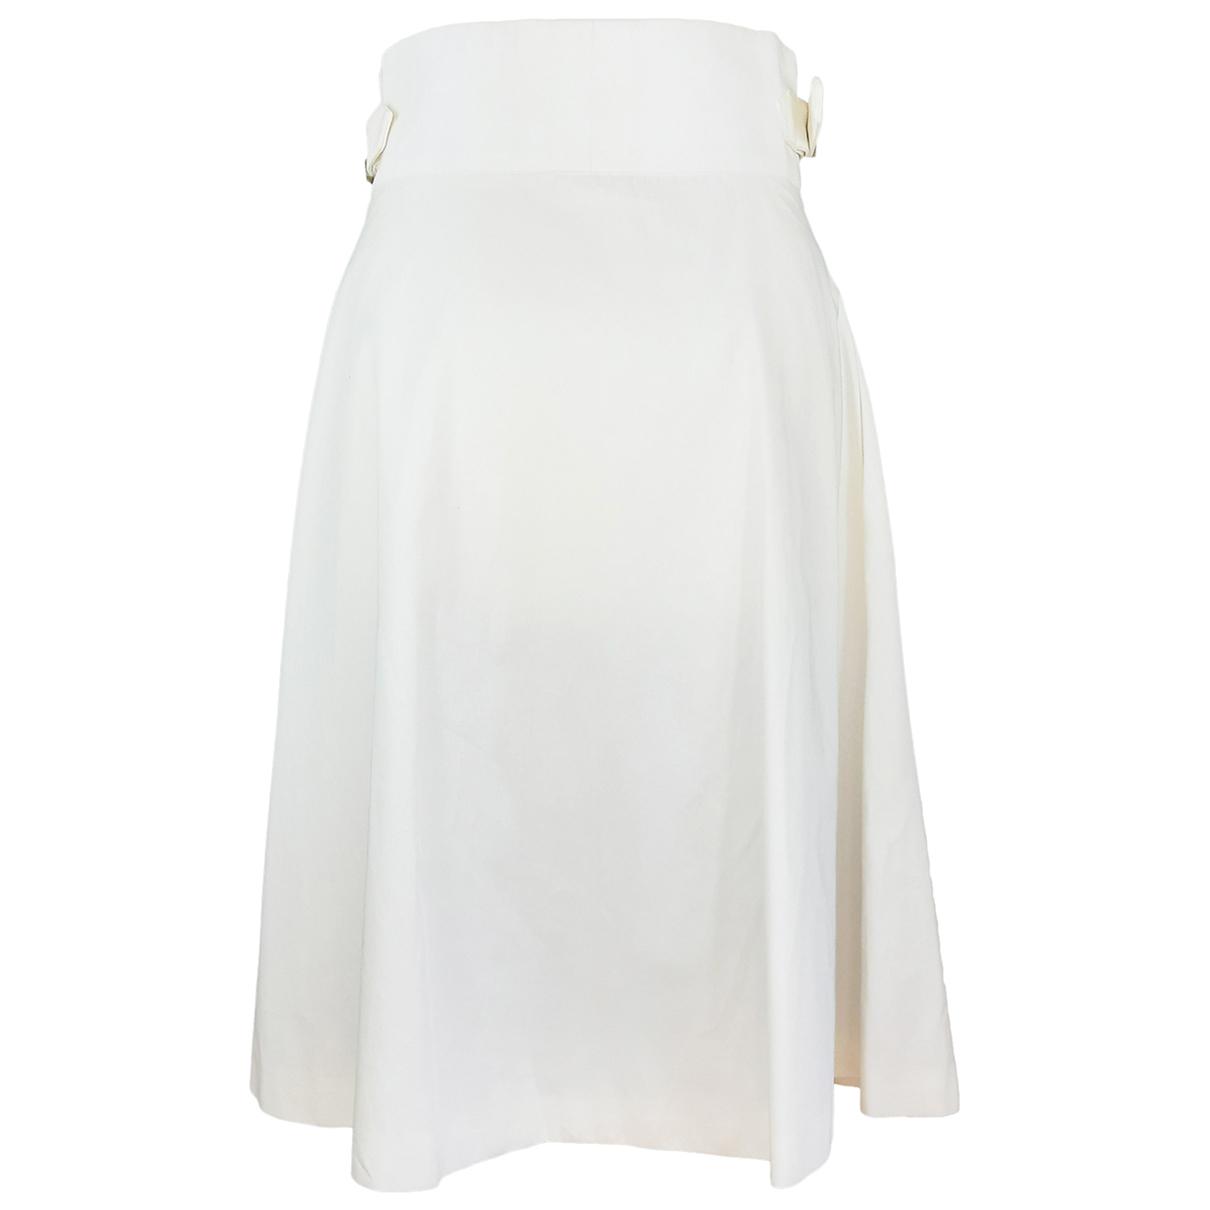 Ines De La Fressange Paris - Robe   pour femme en coton - blanc